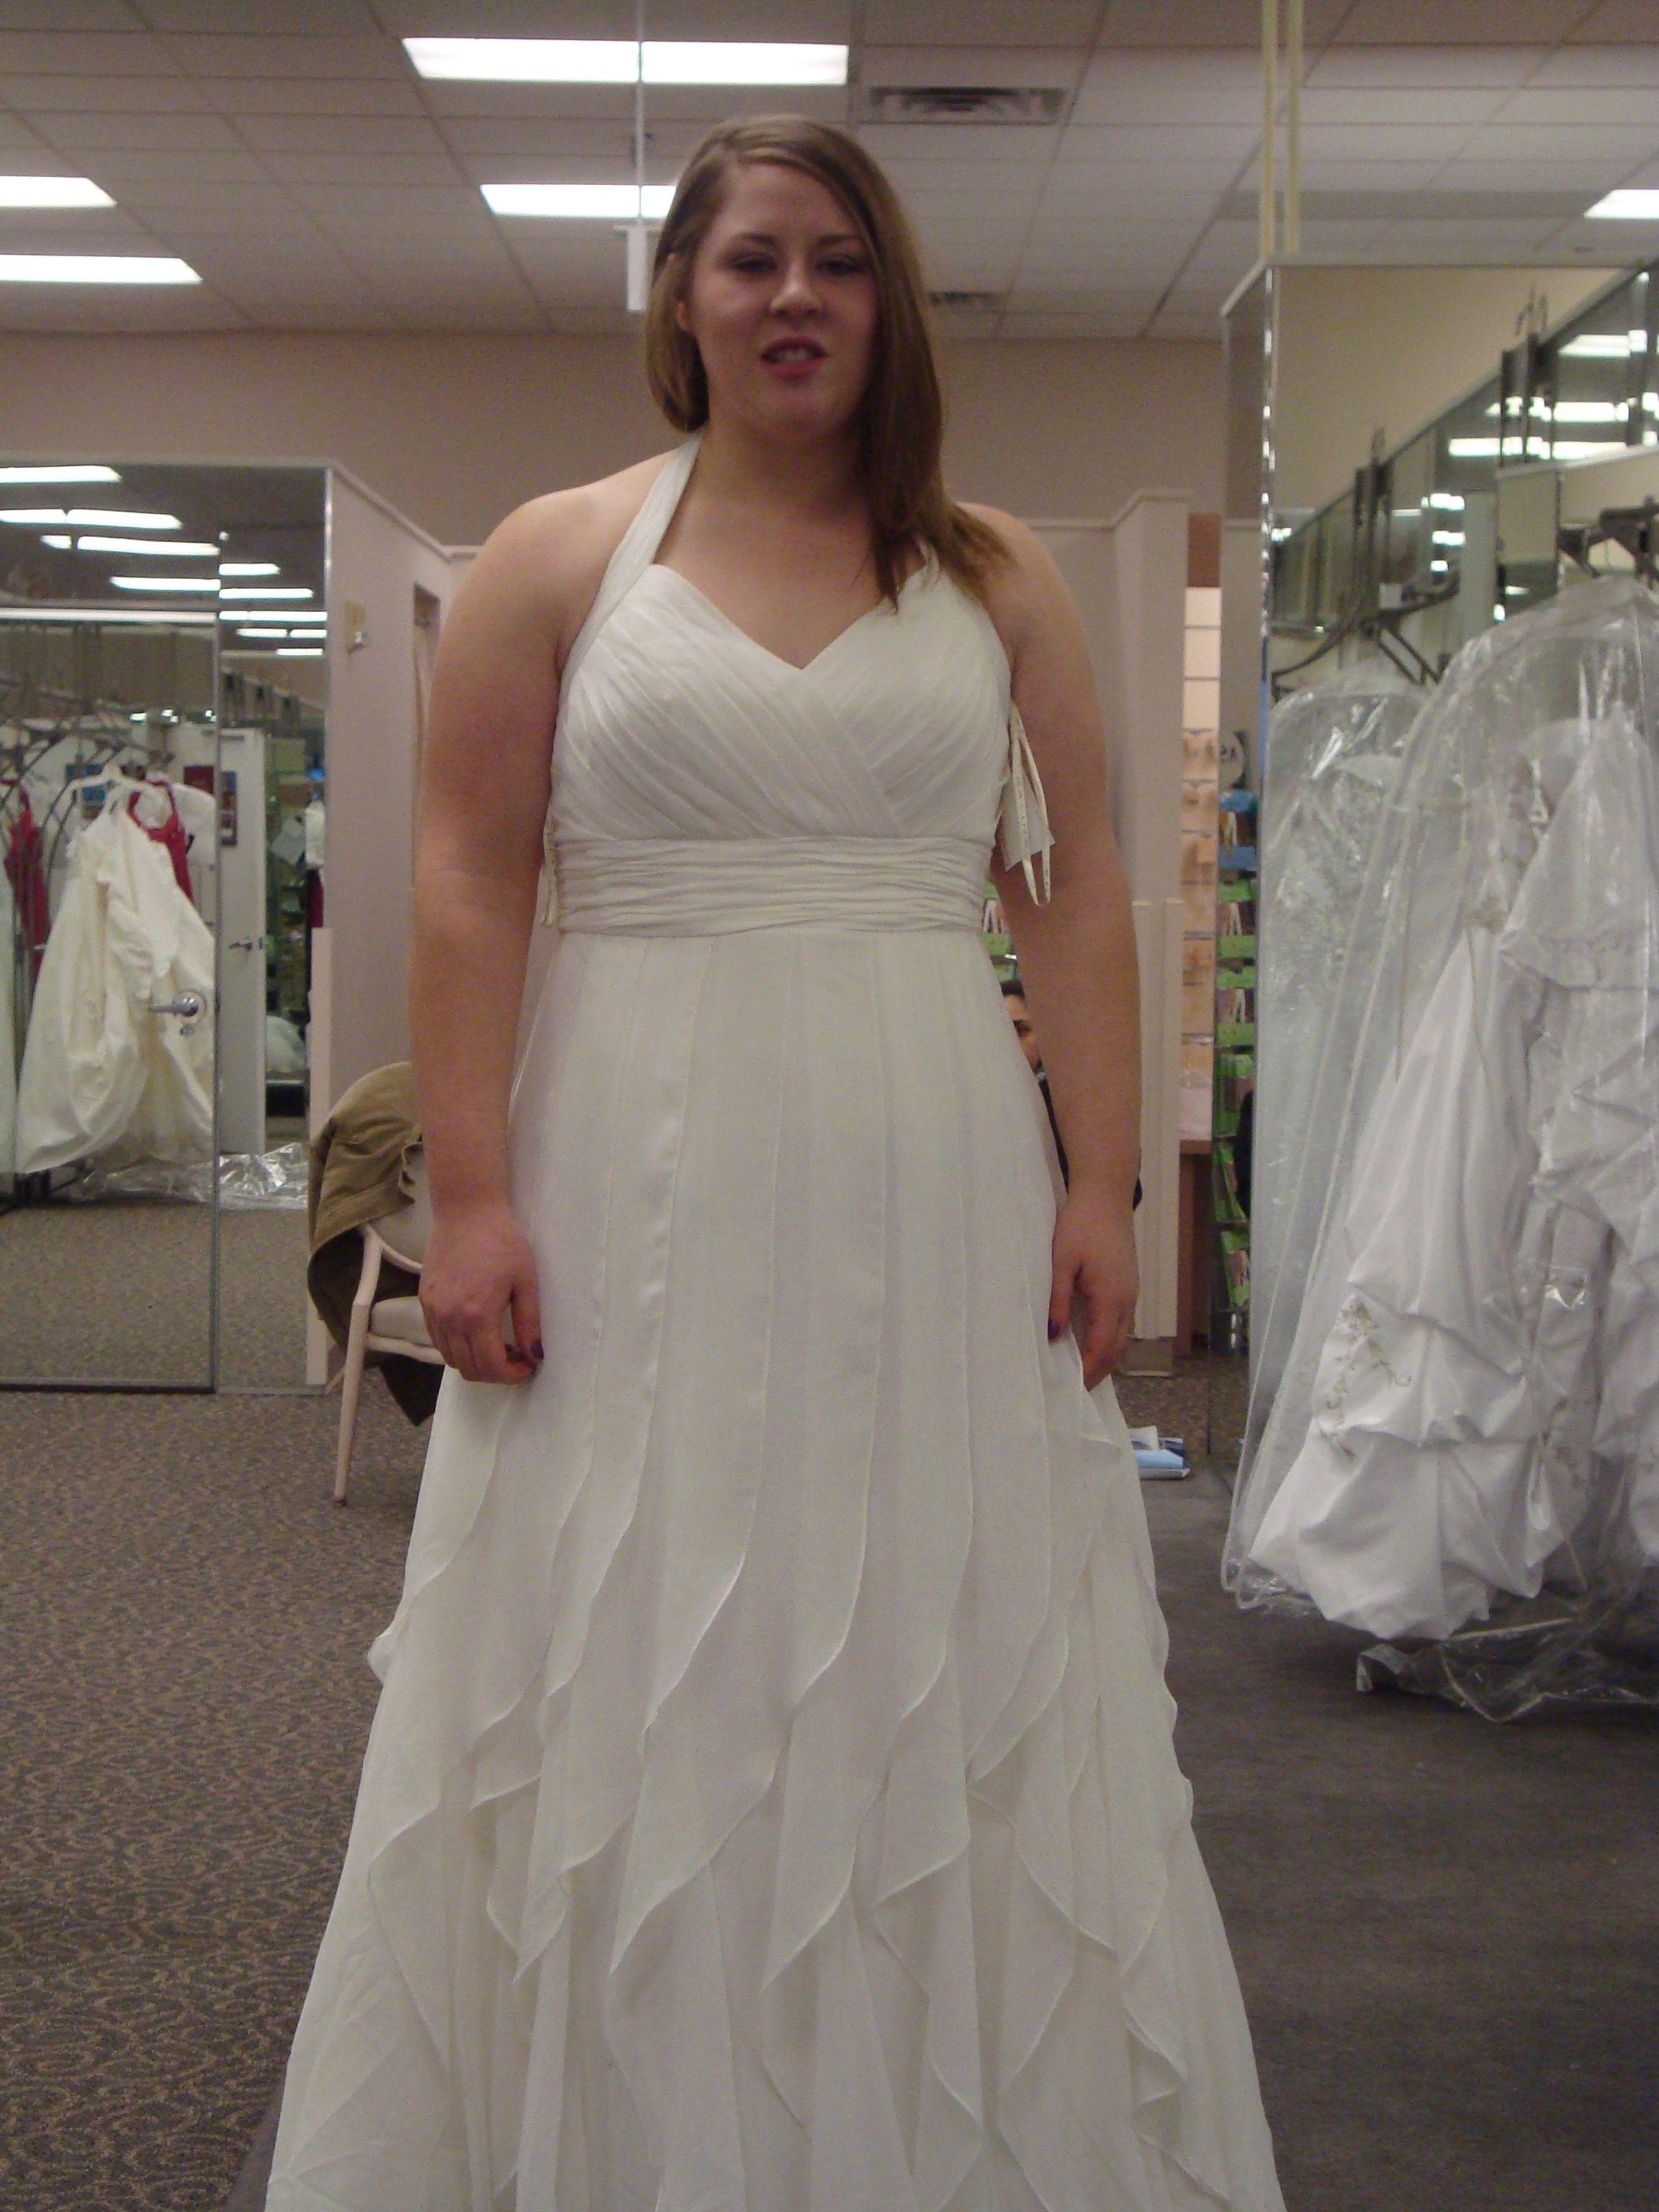 2017 Y Halter Wedding Dresses Chiffon Bridal Gowns Plus Size 18 20 22